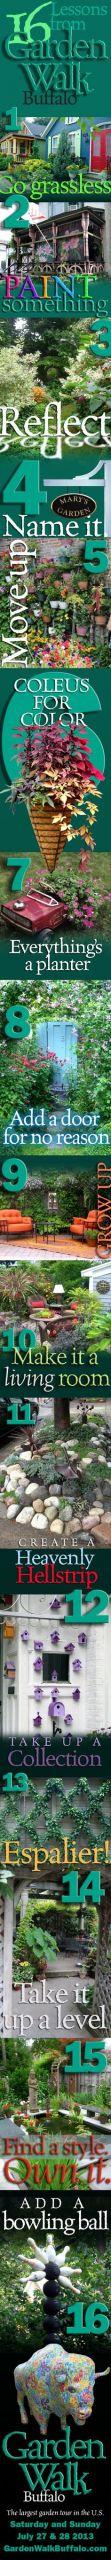 5efae778a07cef6a0f f73eab719 life list garden projects